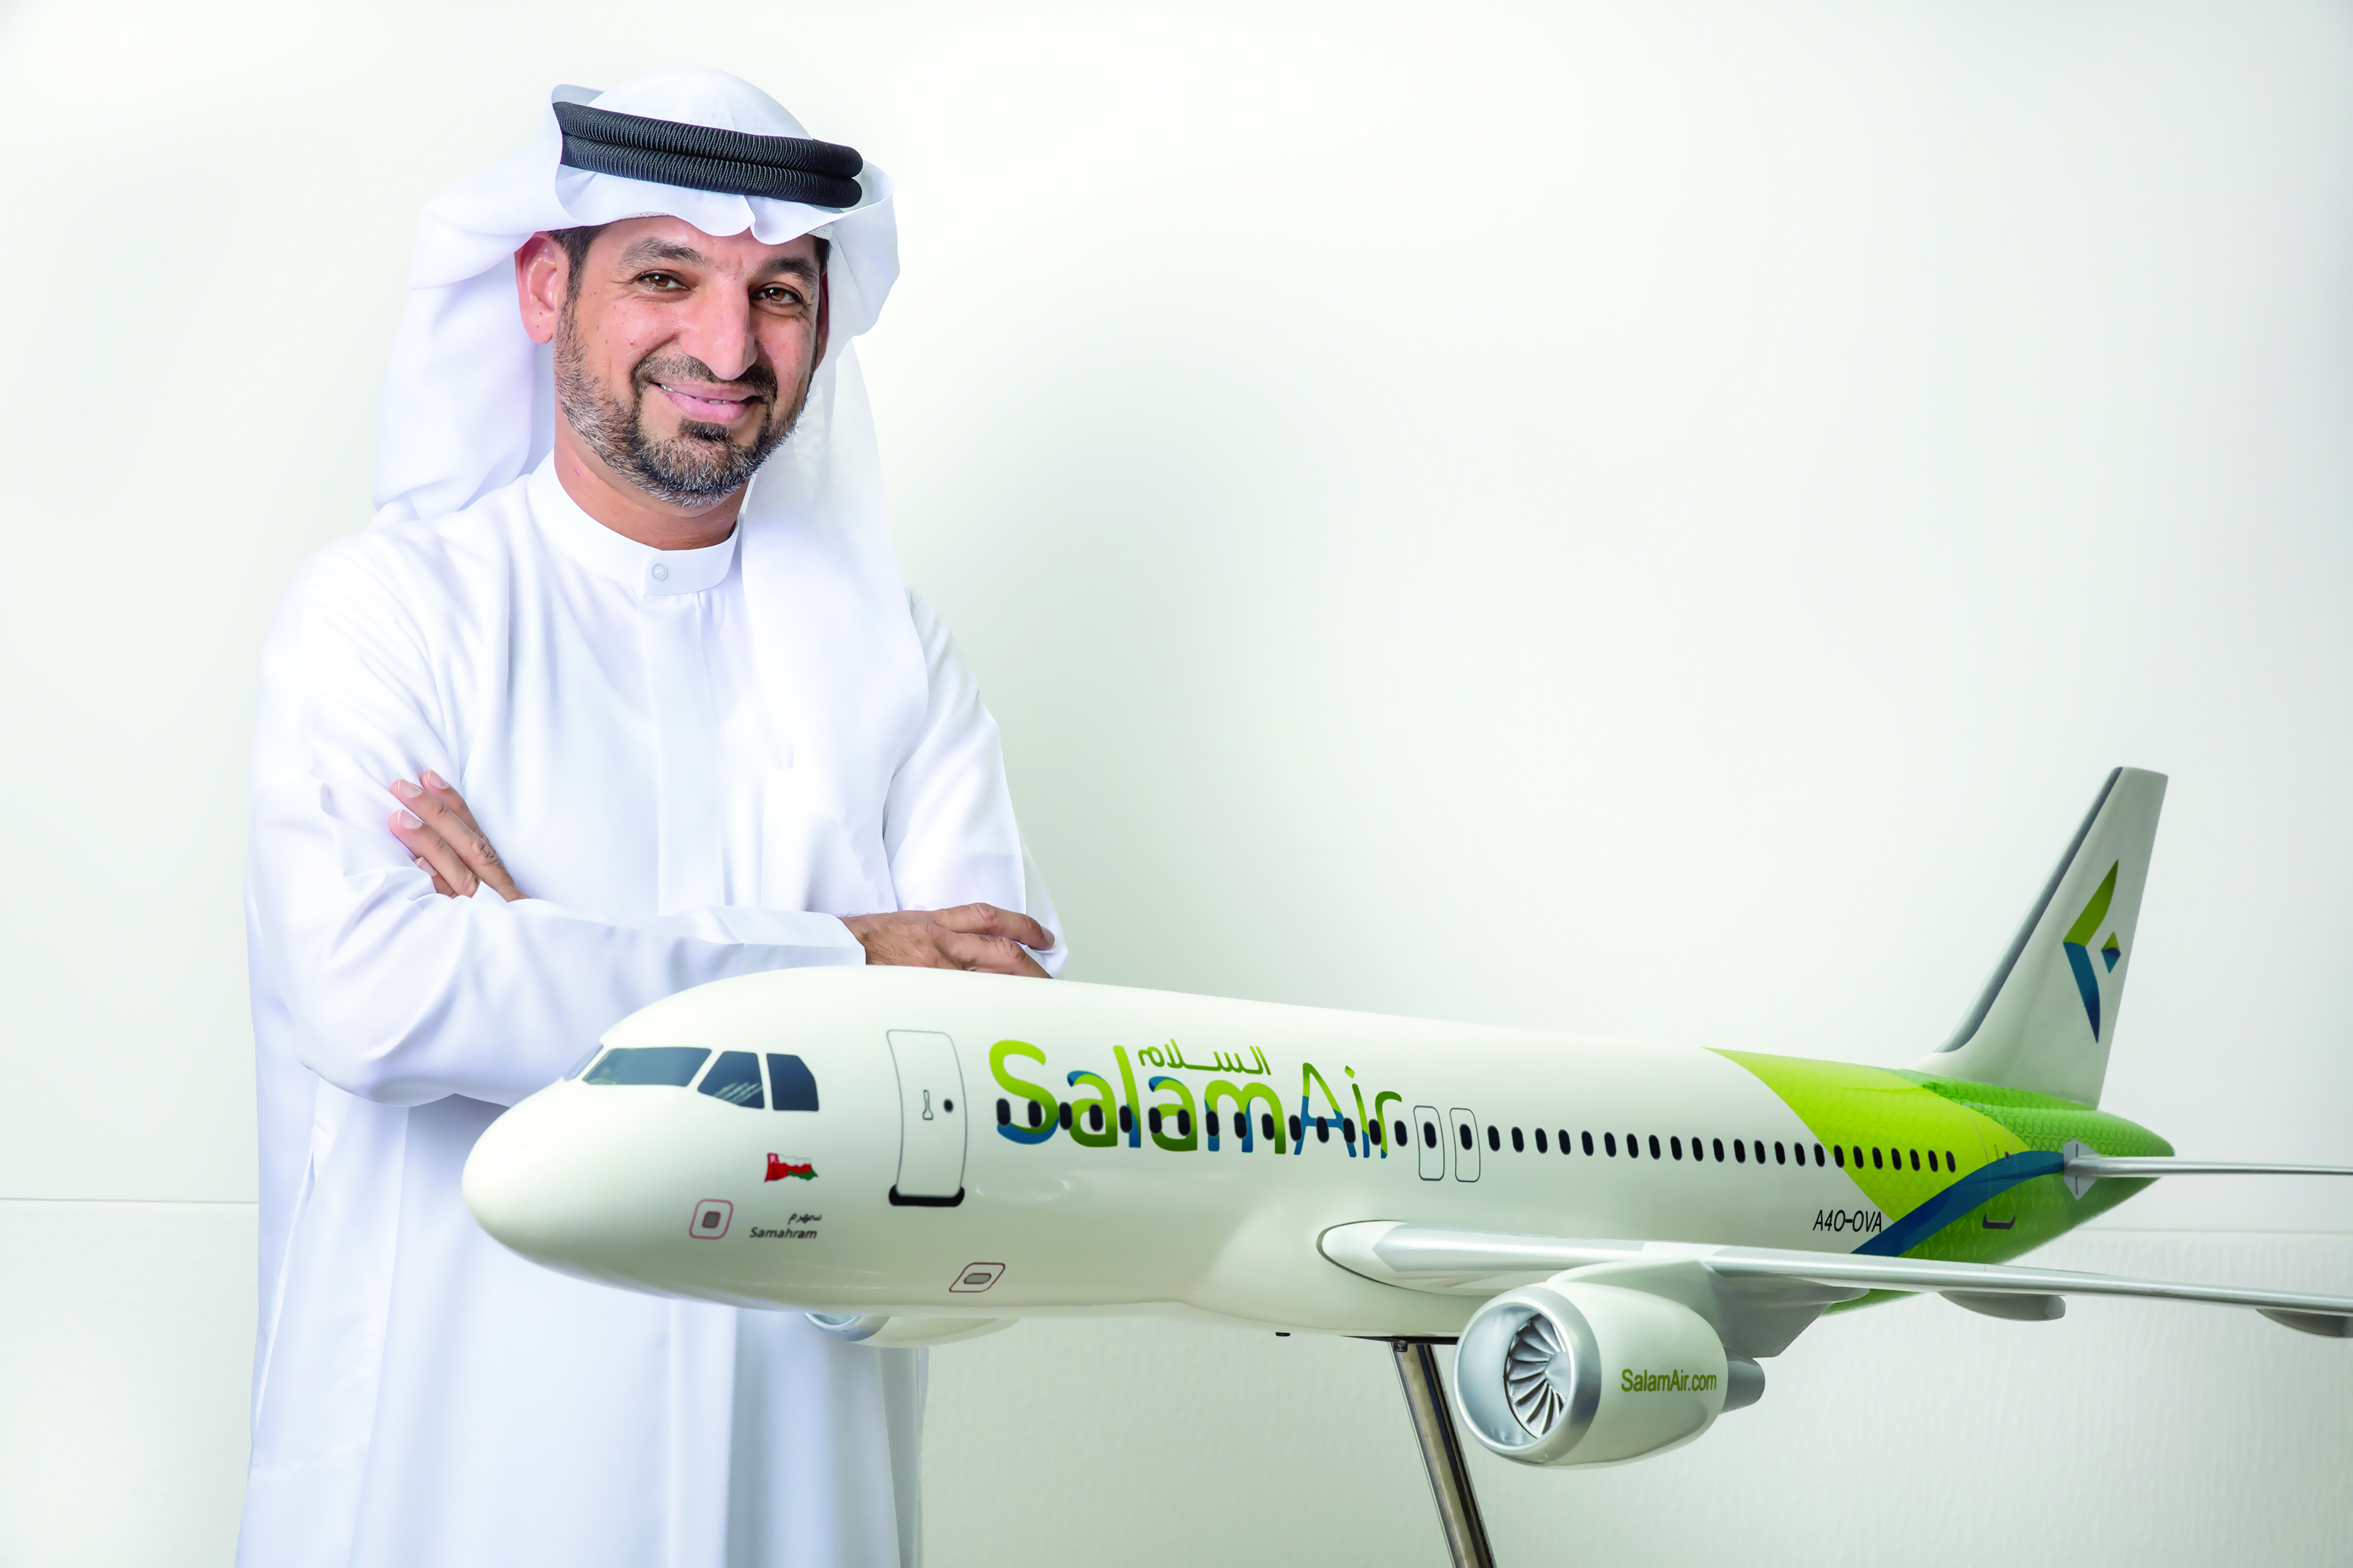 طيران السلام يعيِّن رئيسًا تنفيذيًا جديدًا